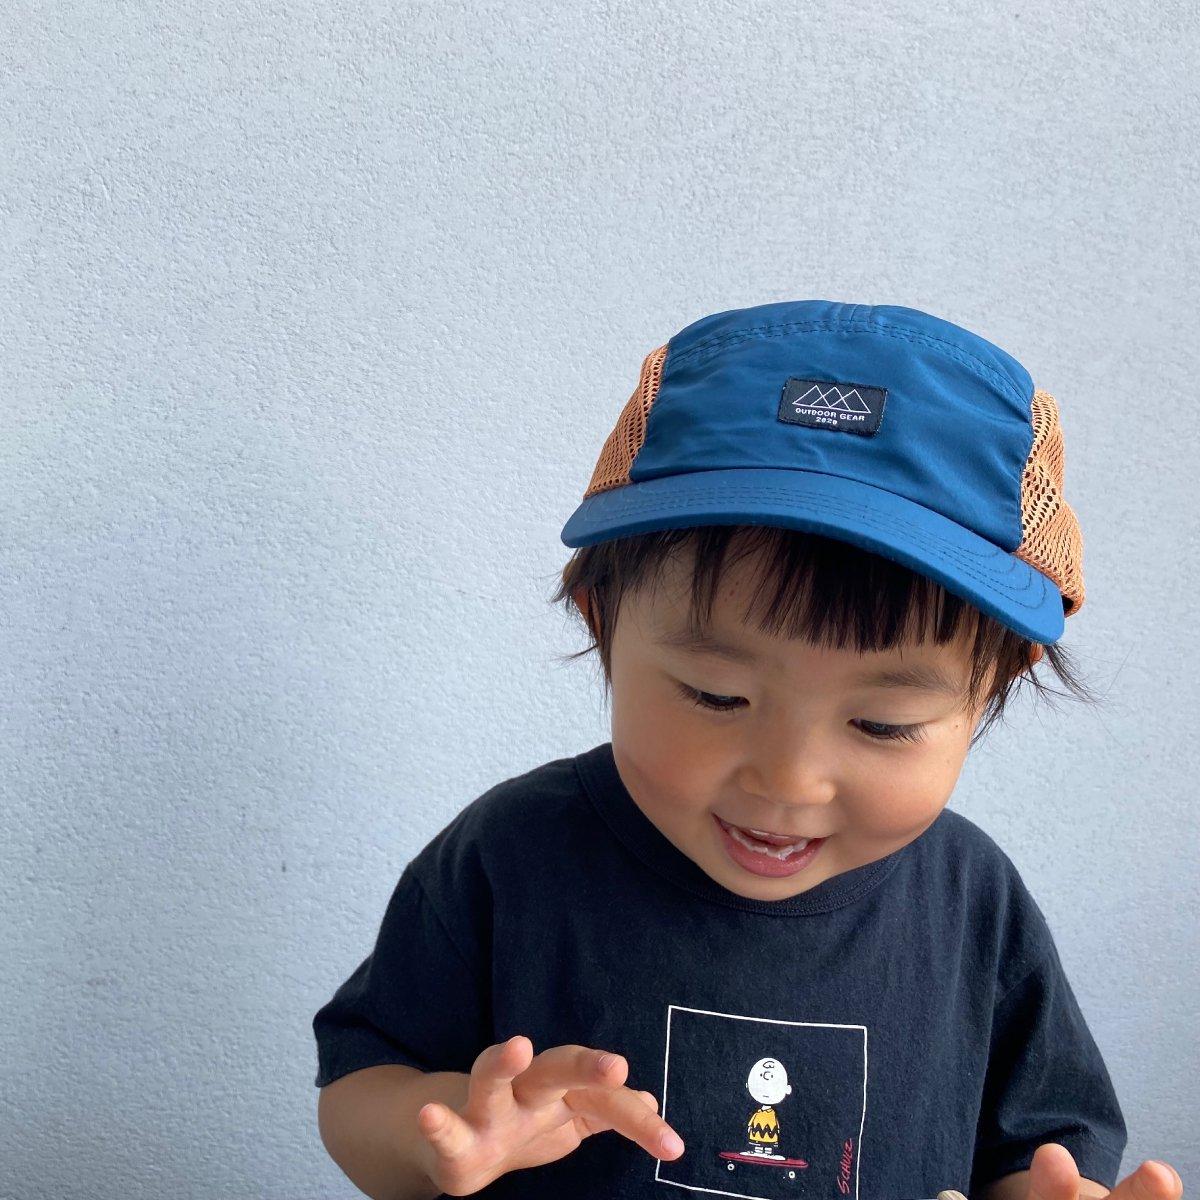 【KIDS】Kids Gear Jet Cap 詳細画像19